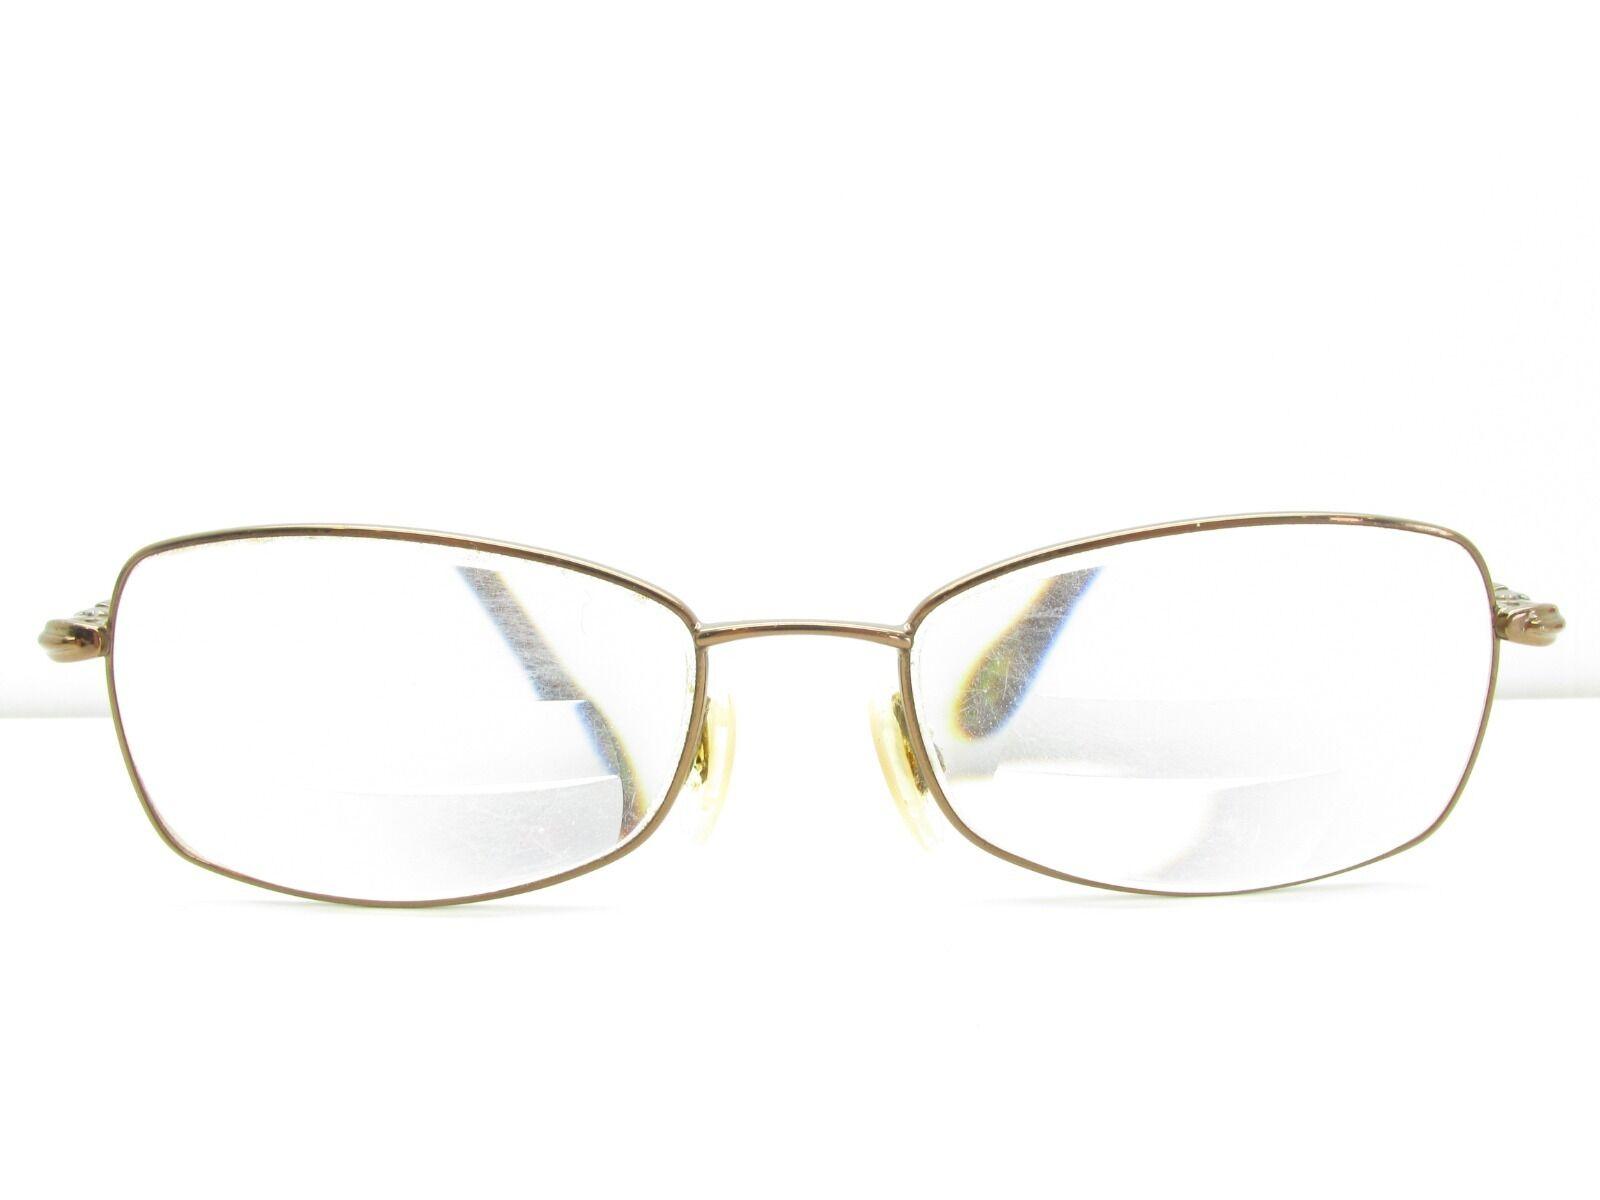 Safilo EMOZIONI 4322 Fl6 Eyeglasses Eyewear Frames 51-16-130 Tv6 ...